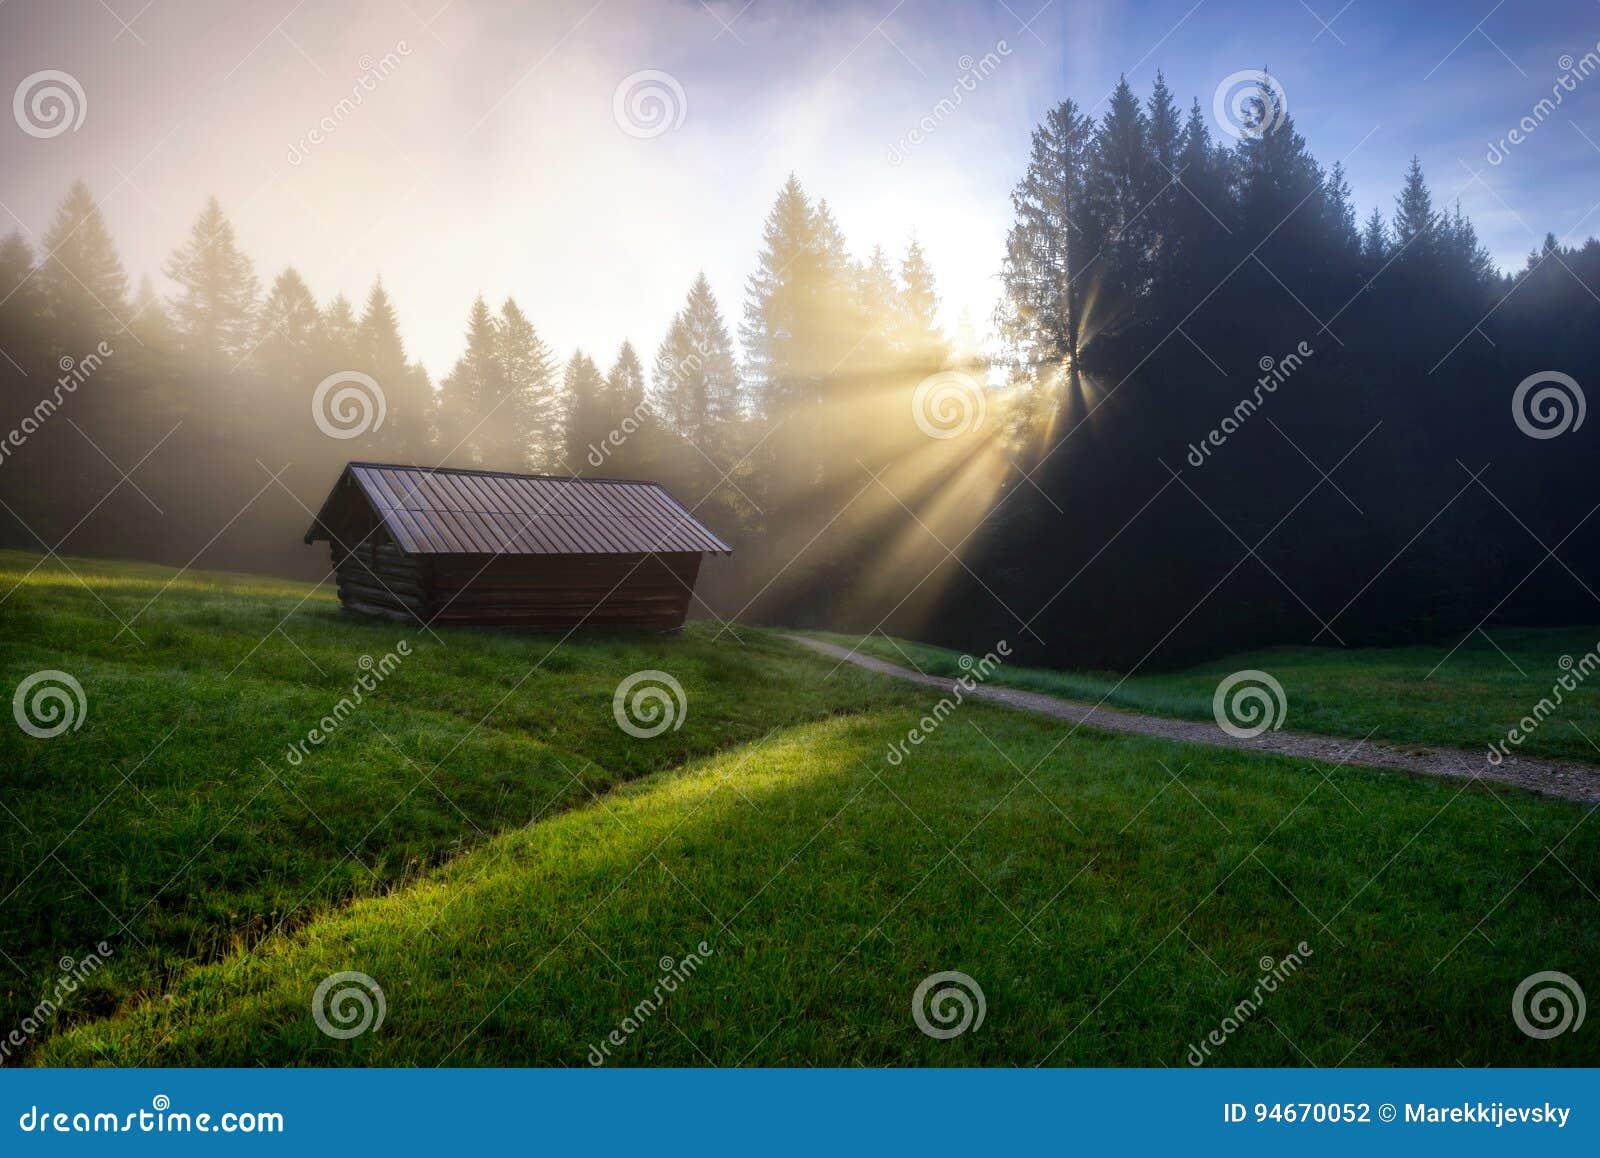 Bosque de Geroldsee durante día de verano con salida del sol de niebla sobre los árboles, montañas bávaras, Baviera, Alemania